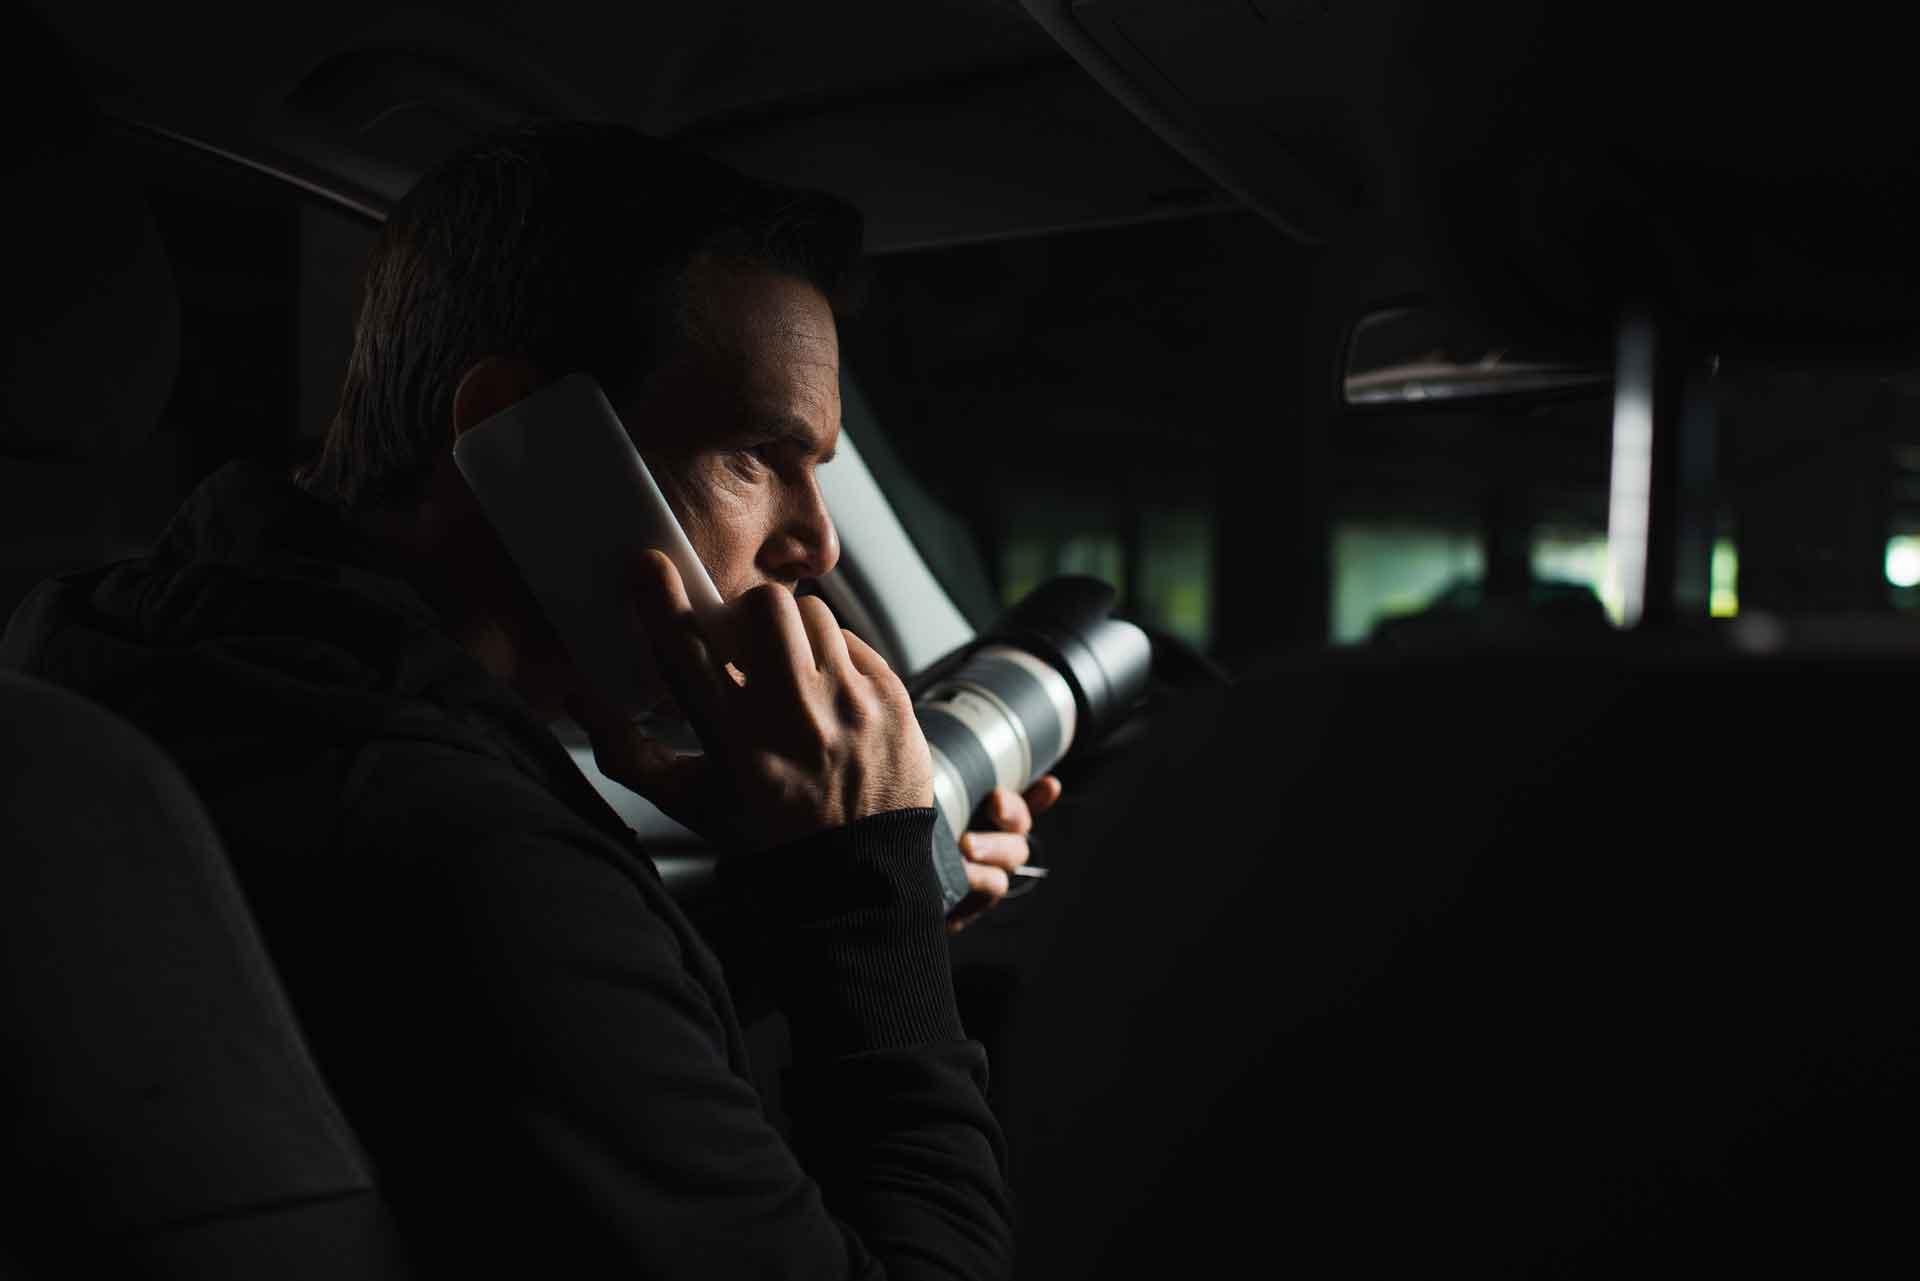 private investigator with a camera